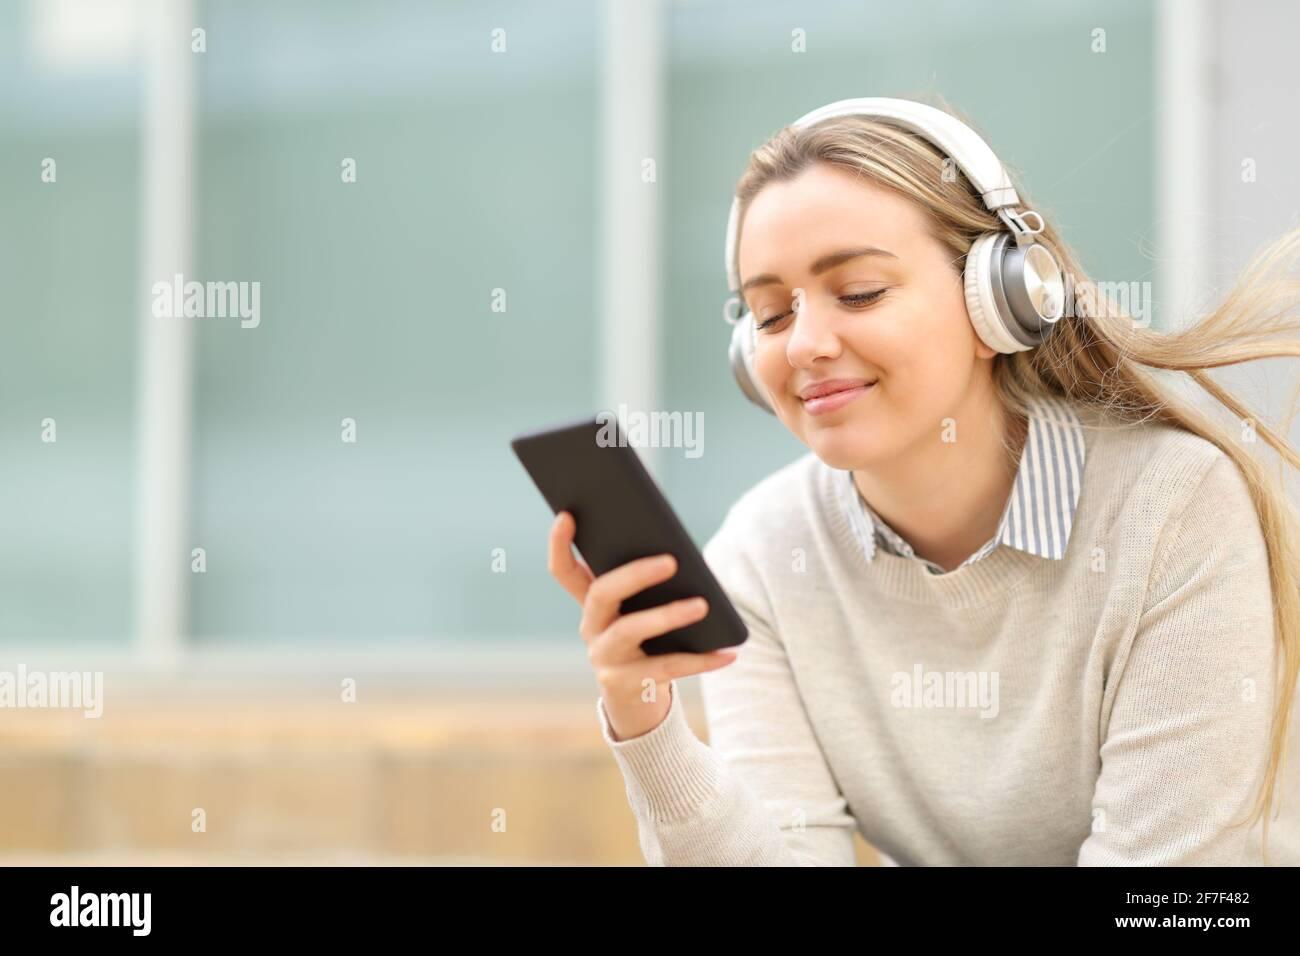 Un adolescent satisfait écoute de la musique sur un smartphone assis la rue Banque D'Images